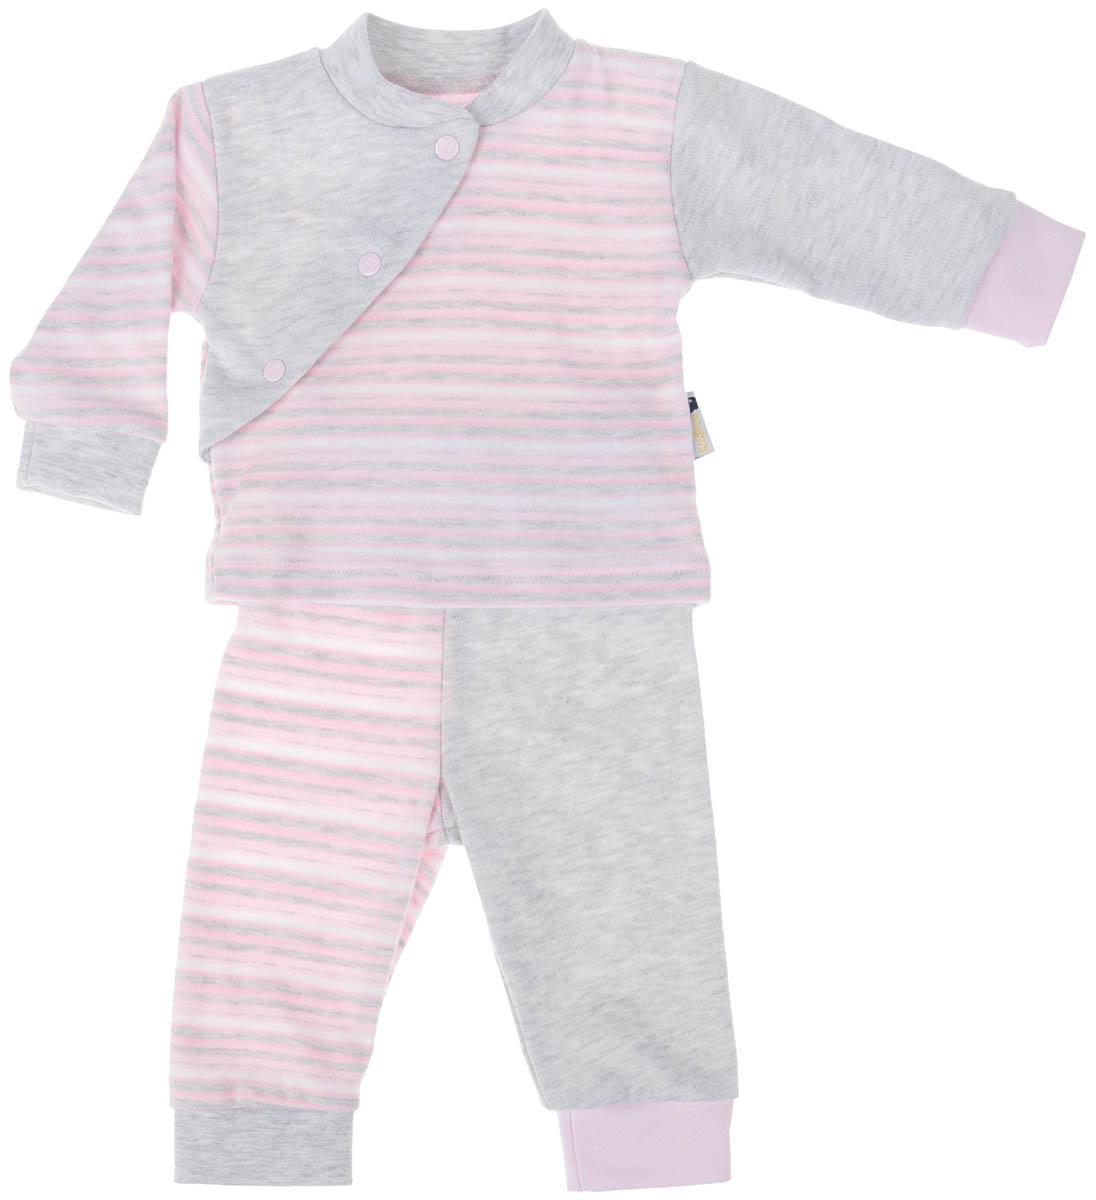 Комплект детский Клякса: кофточка, брюки, цвет: розовый, светло-серый, белый. 39К-5222. Размер 6839К-5222Детский комплект Клякса состоит из кофточки и штанишек. Комплект изготовлен из качественного натурального хлопка. Кофта с длинными рукавами и воротником-стойкой застегивается спереди на три кнопки. Штанишки имеют широкую эластичную резинку на поясе и широкие манжеты.